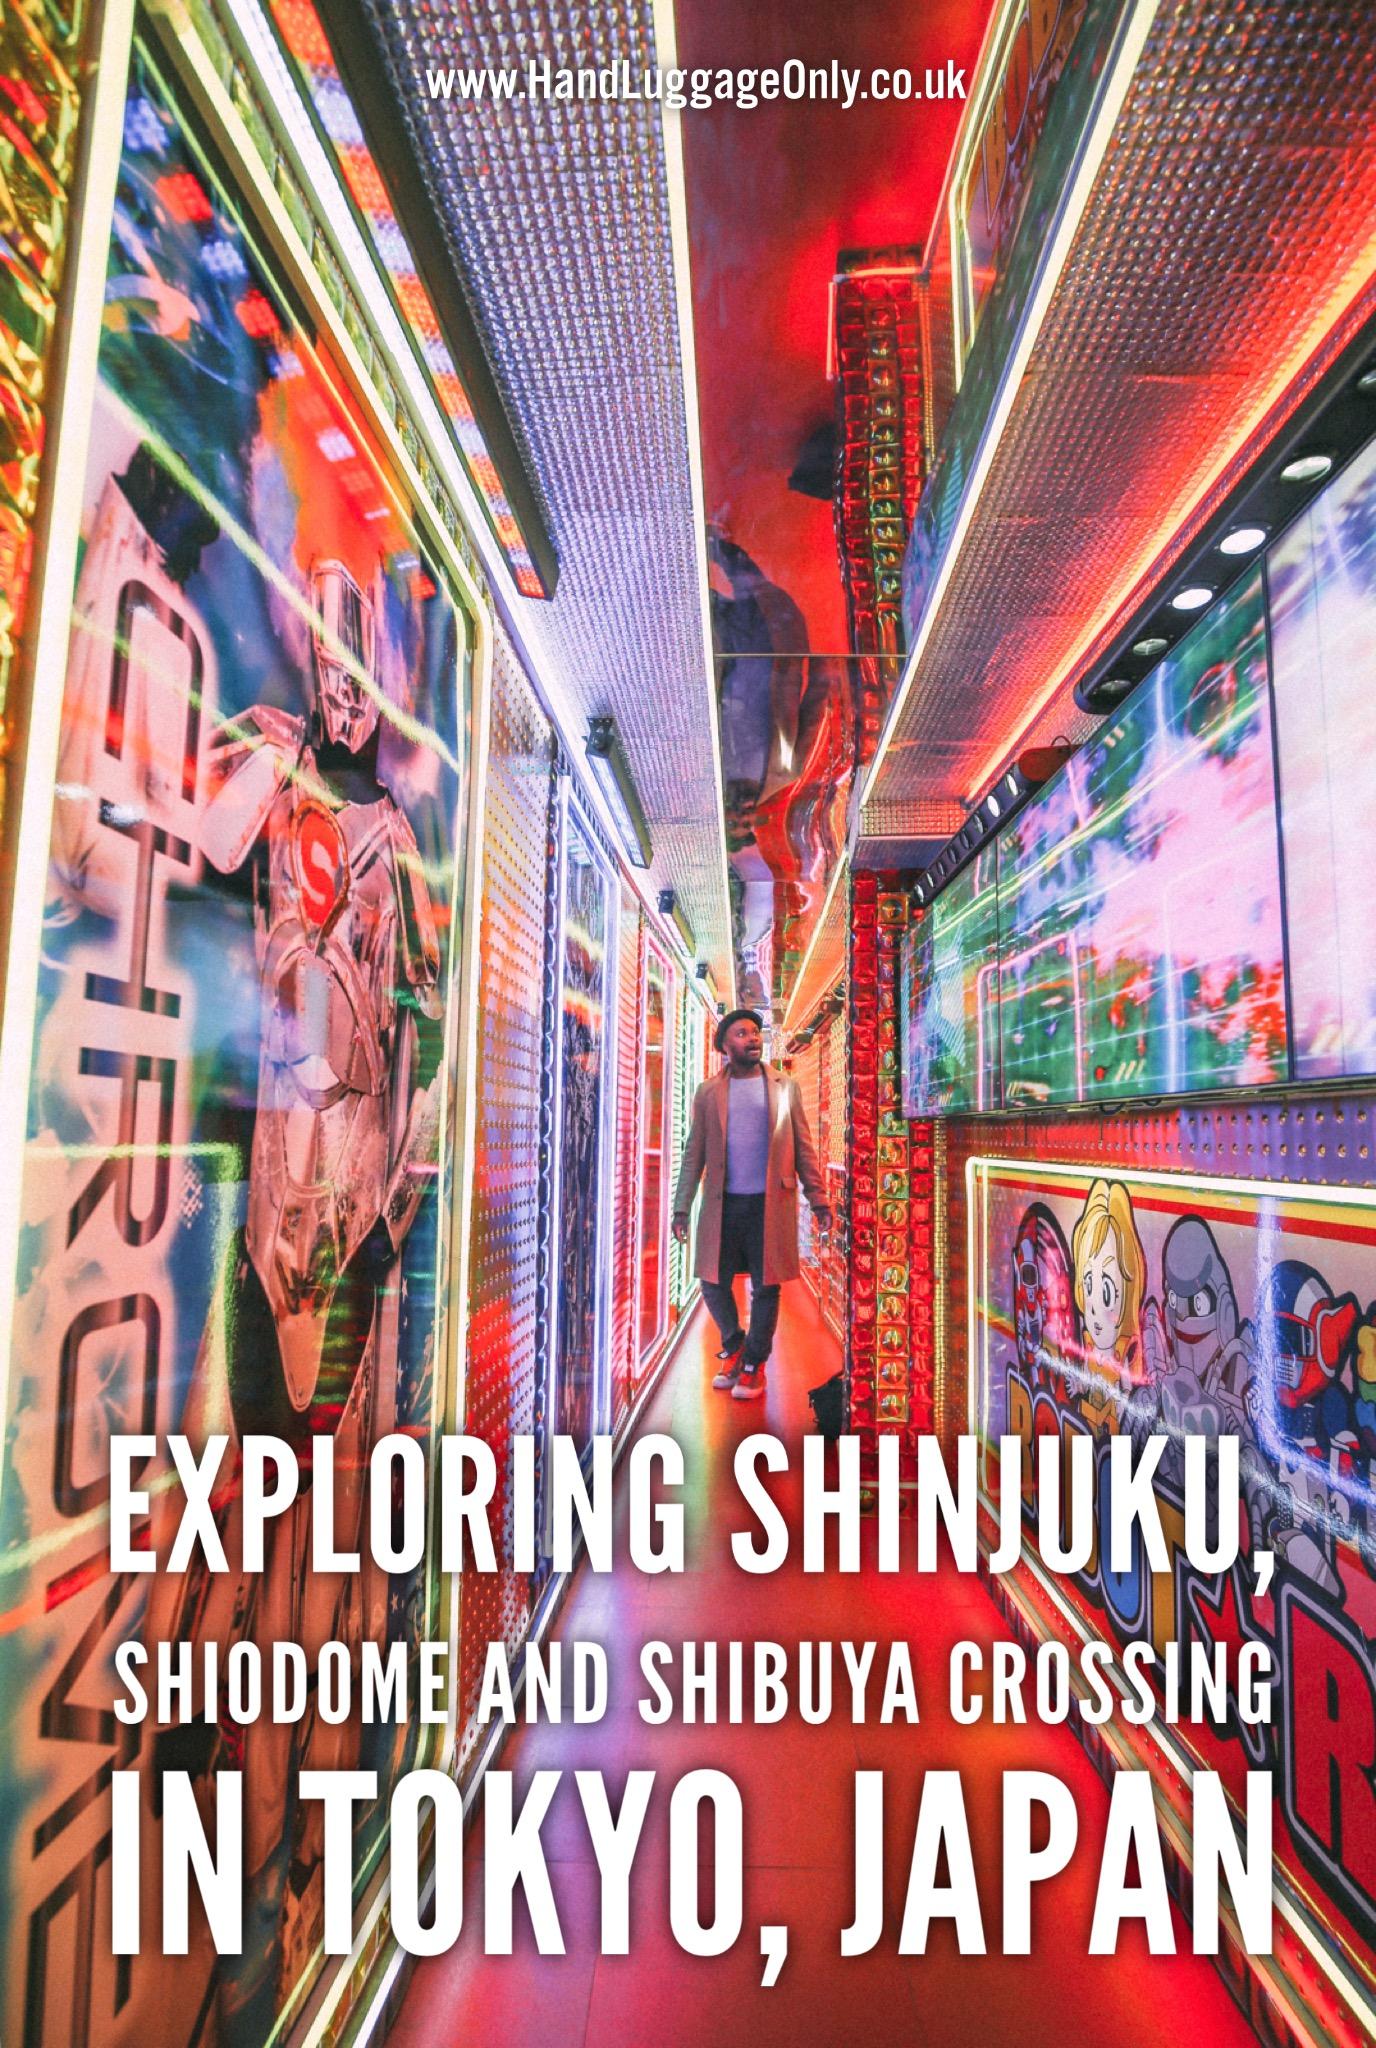 Tokyo Day One - Shiodome, Shibuya Crossing and Shinjuku